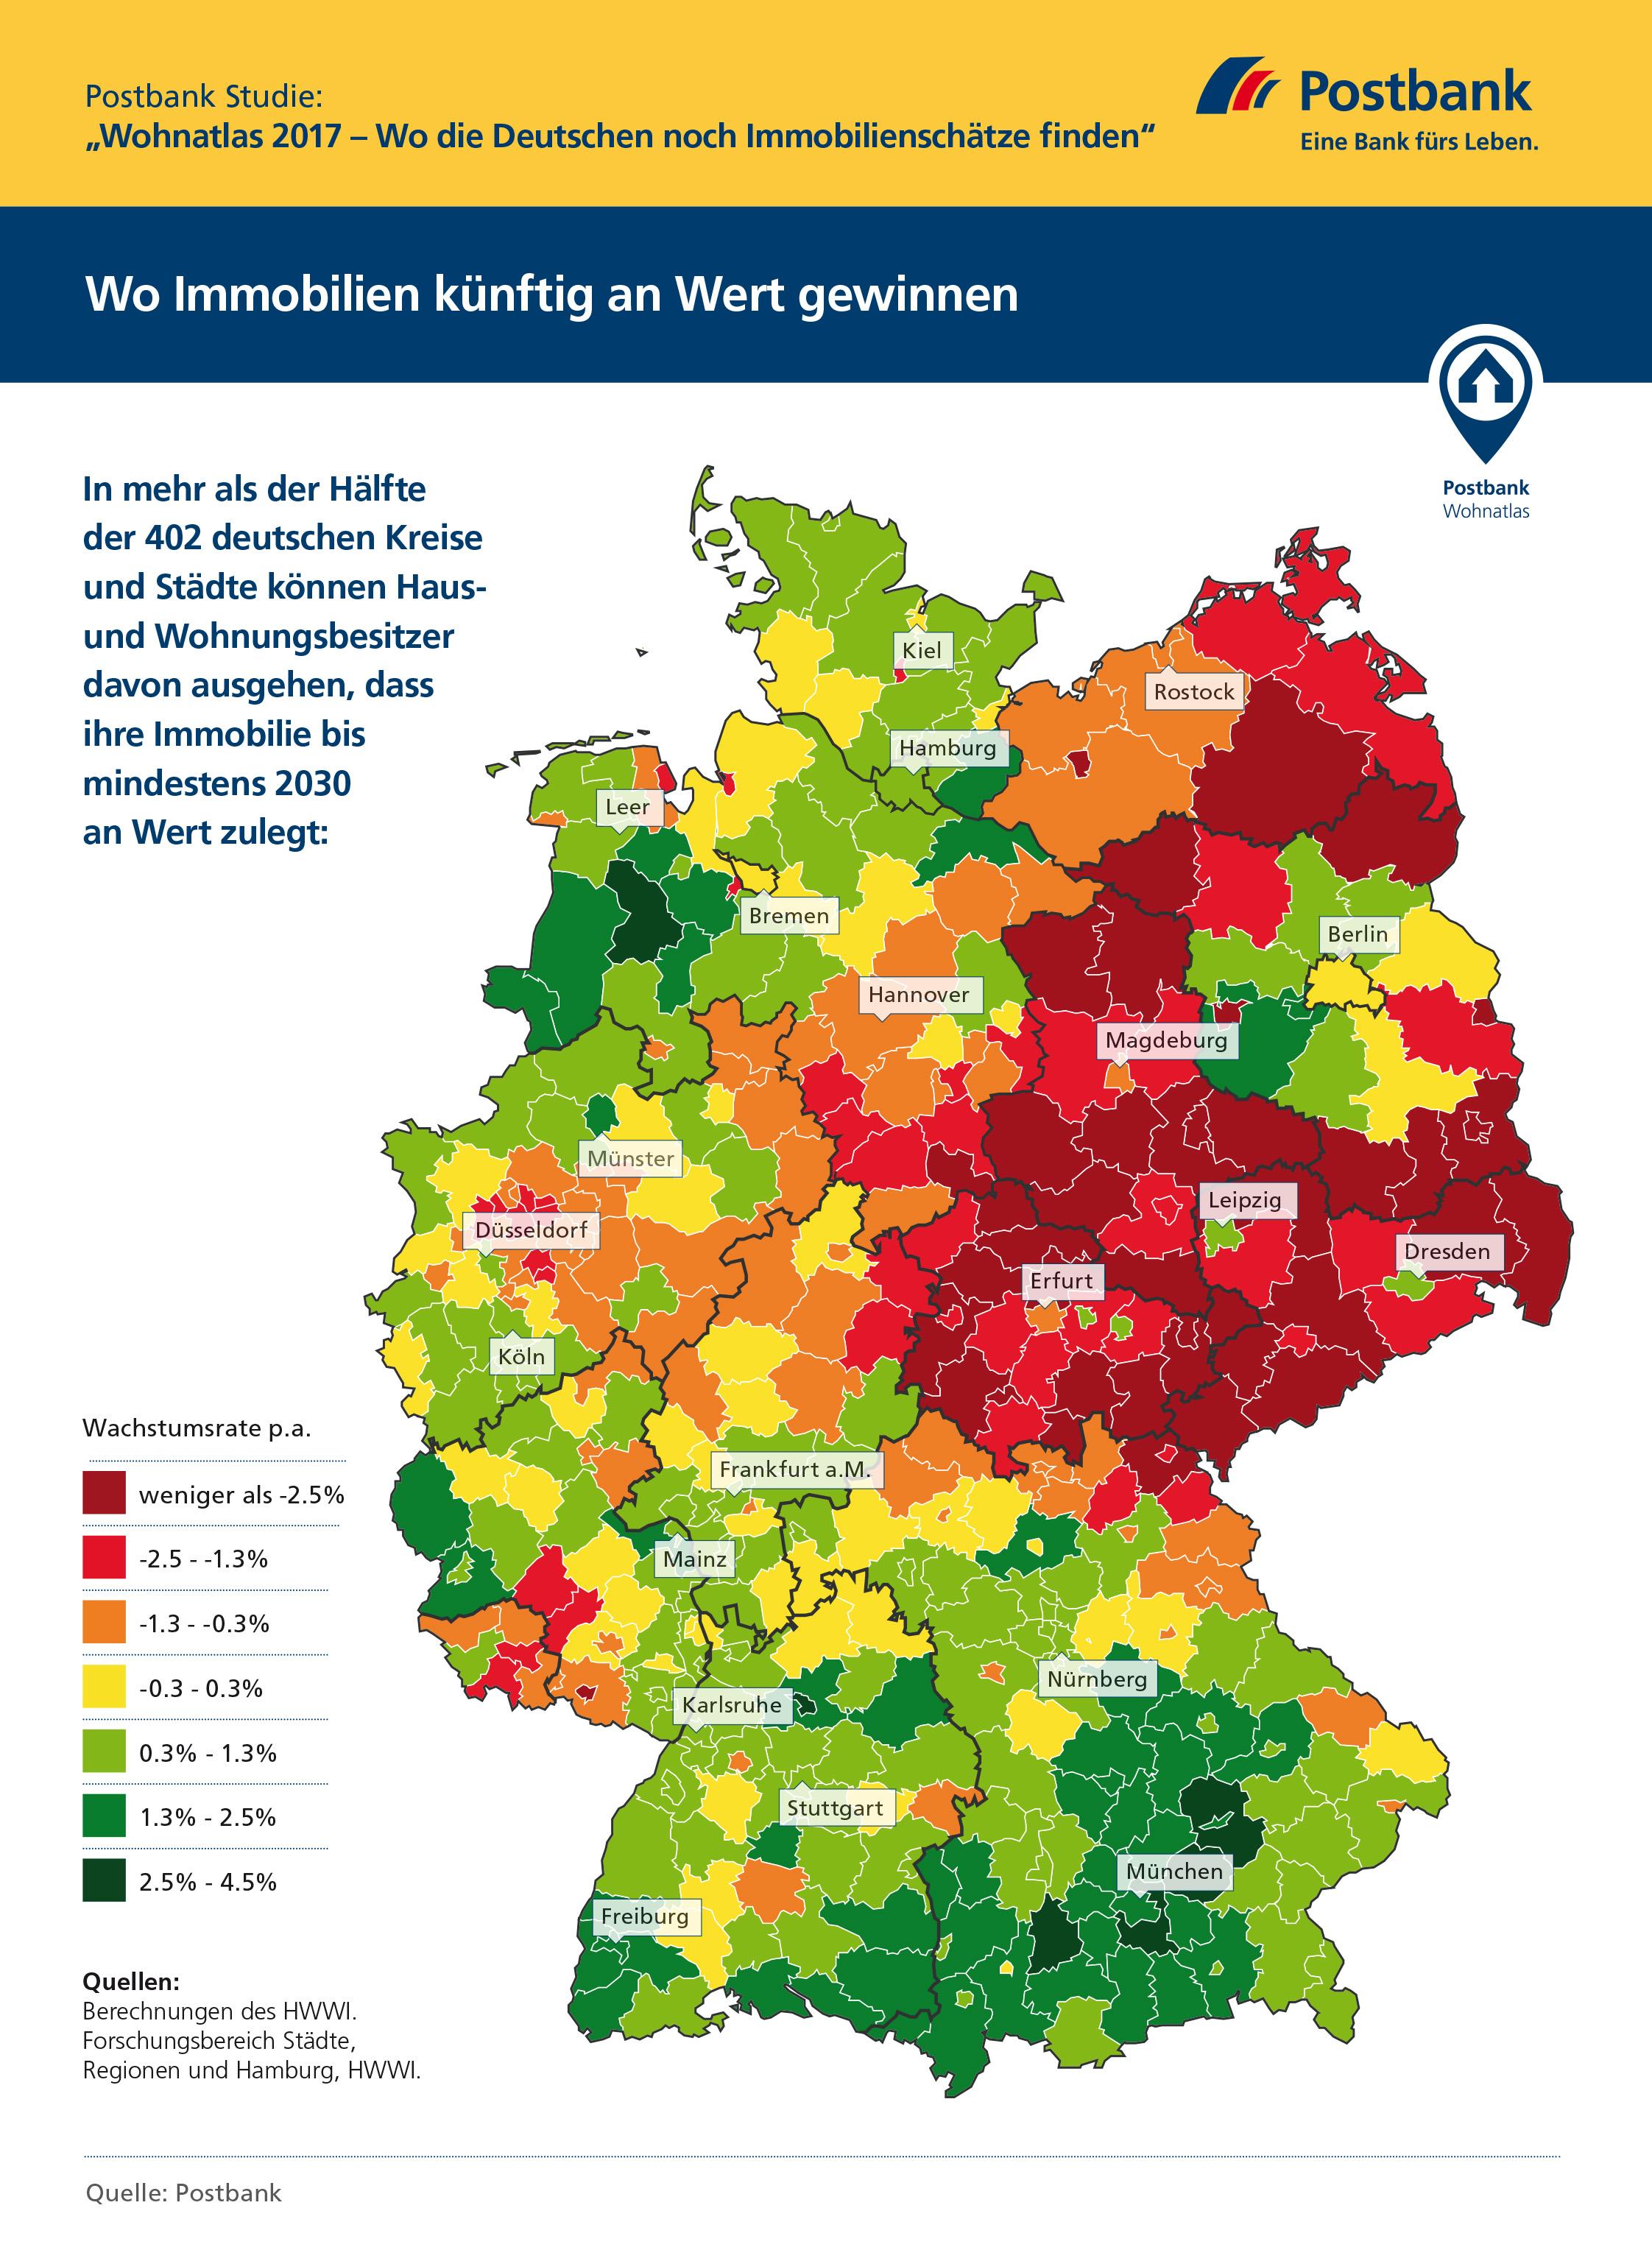 der wert berliner immobilien steigt bis 2030 kaum berlin aktuelle nachrichten berliner. Black Bedroom Furniture Sets. Home Design Ideas